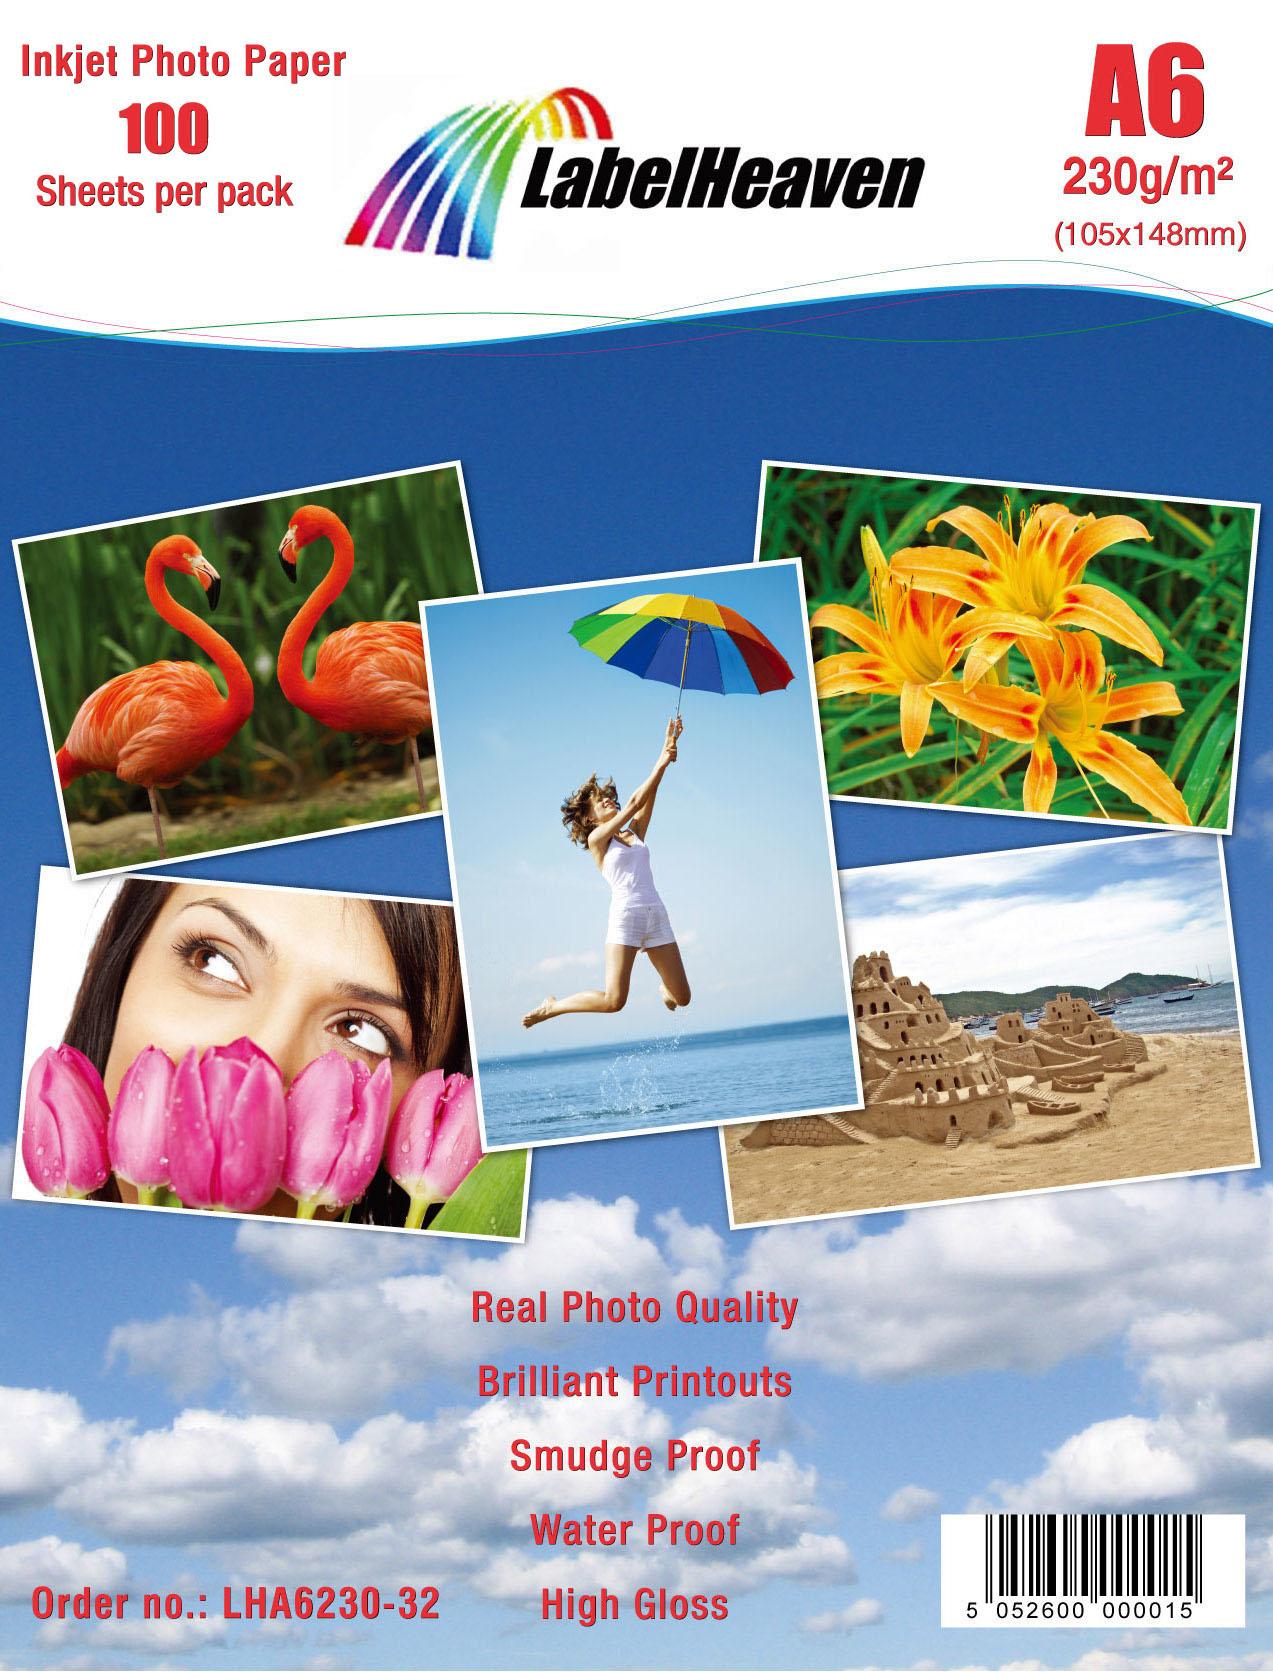 100 Blatt A6 230g/m² Fotopapier HGlossy+wasserfest von LabelHeaven Ltd